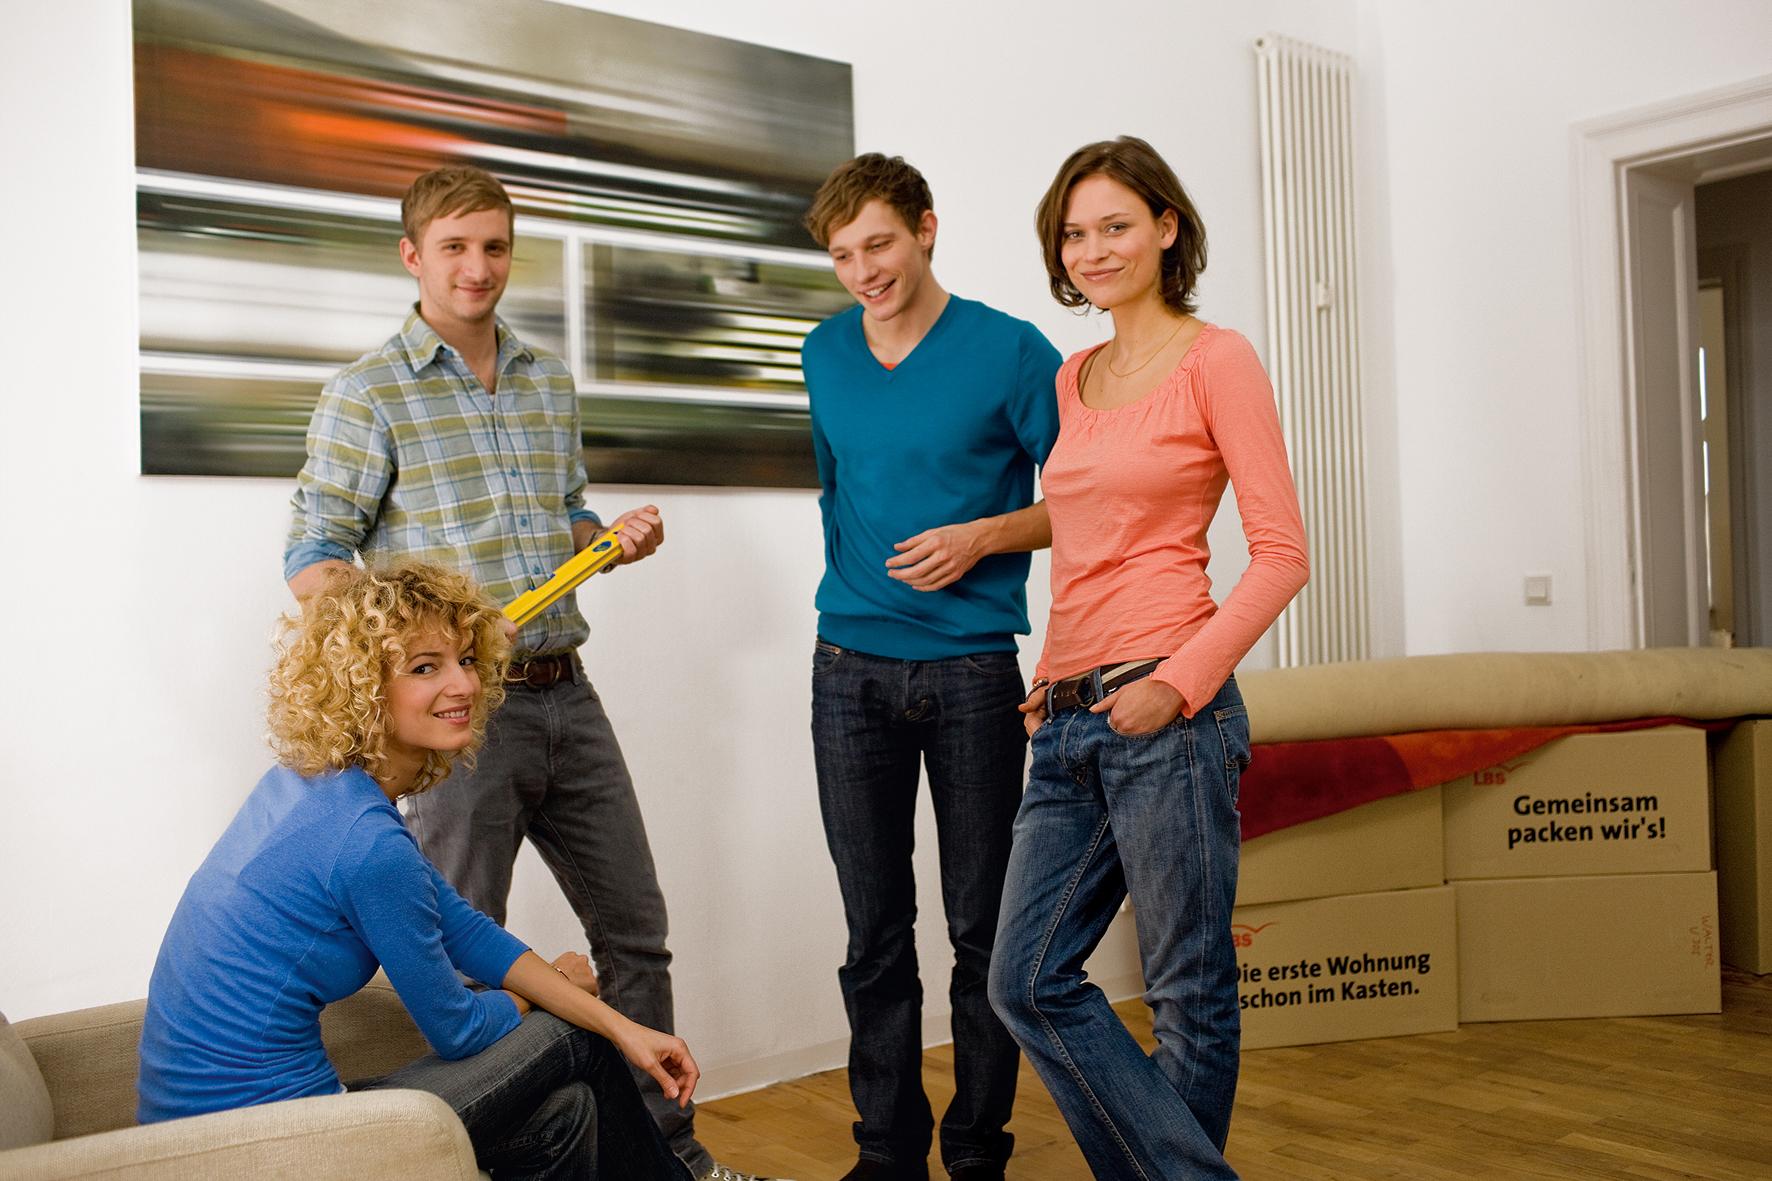 mit bausparen durchstarten junge leute profitieren besonders von f rdermitteln. Black Bedroom Furniture Sets. Home Design Ideas